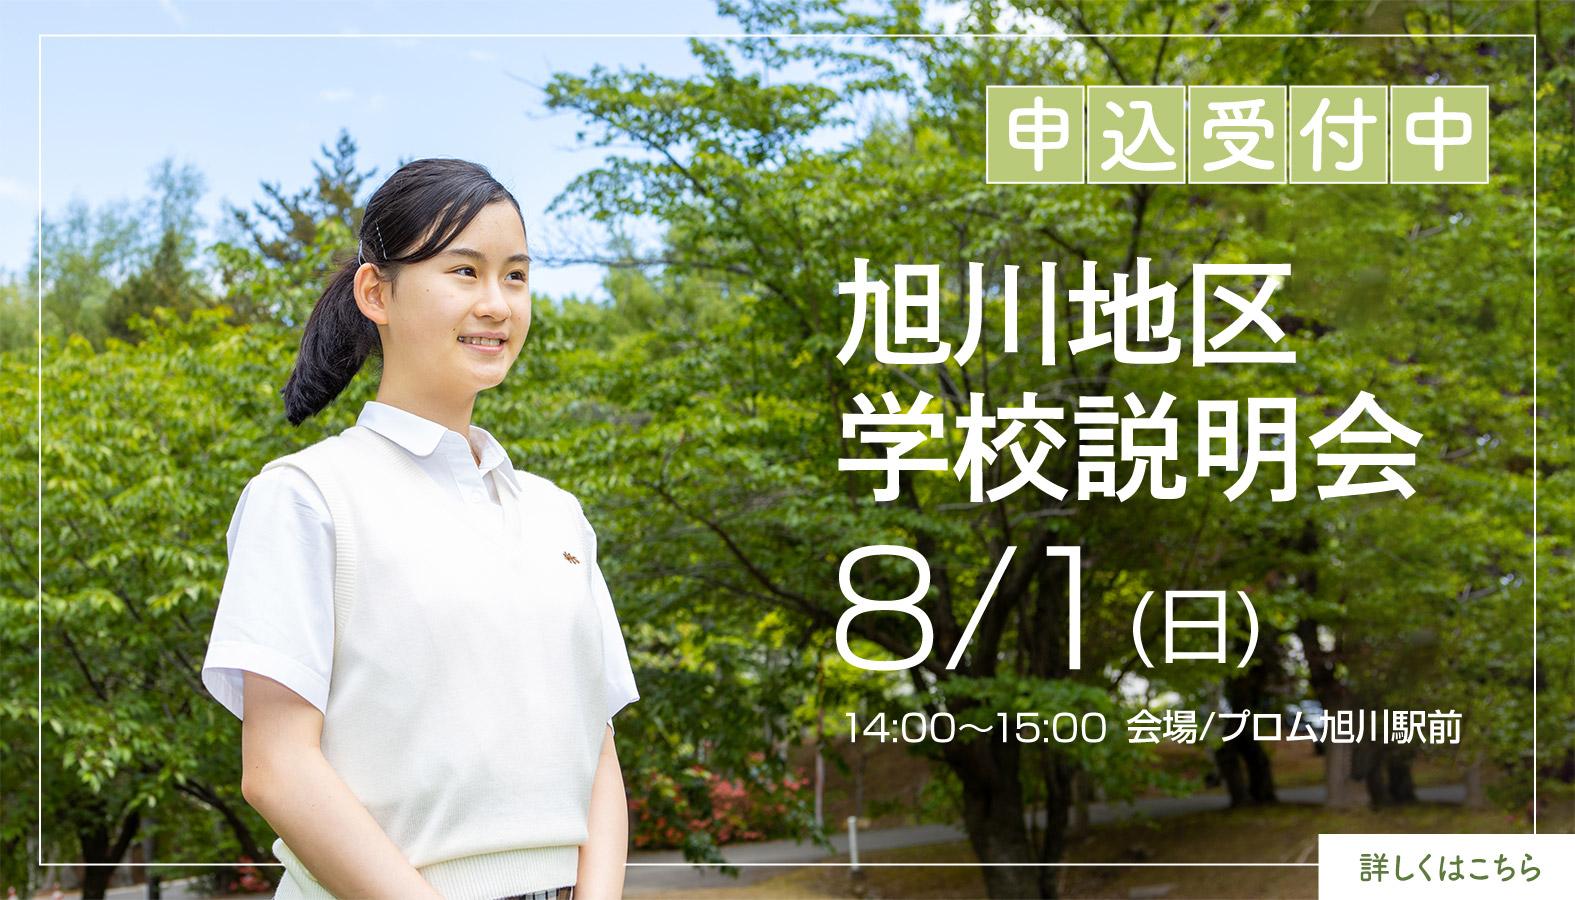 旭川地区学校説明会 8/1(日)14:00~15:00 会場/プロム旭川駅前 申込受付中